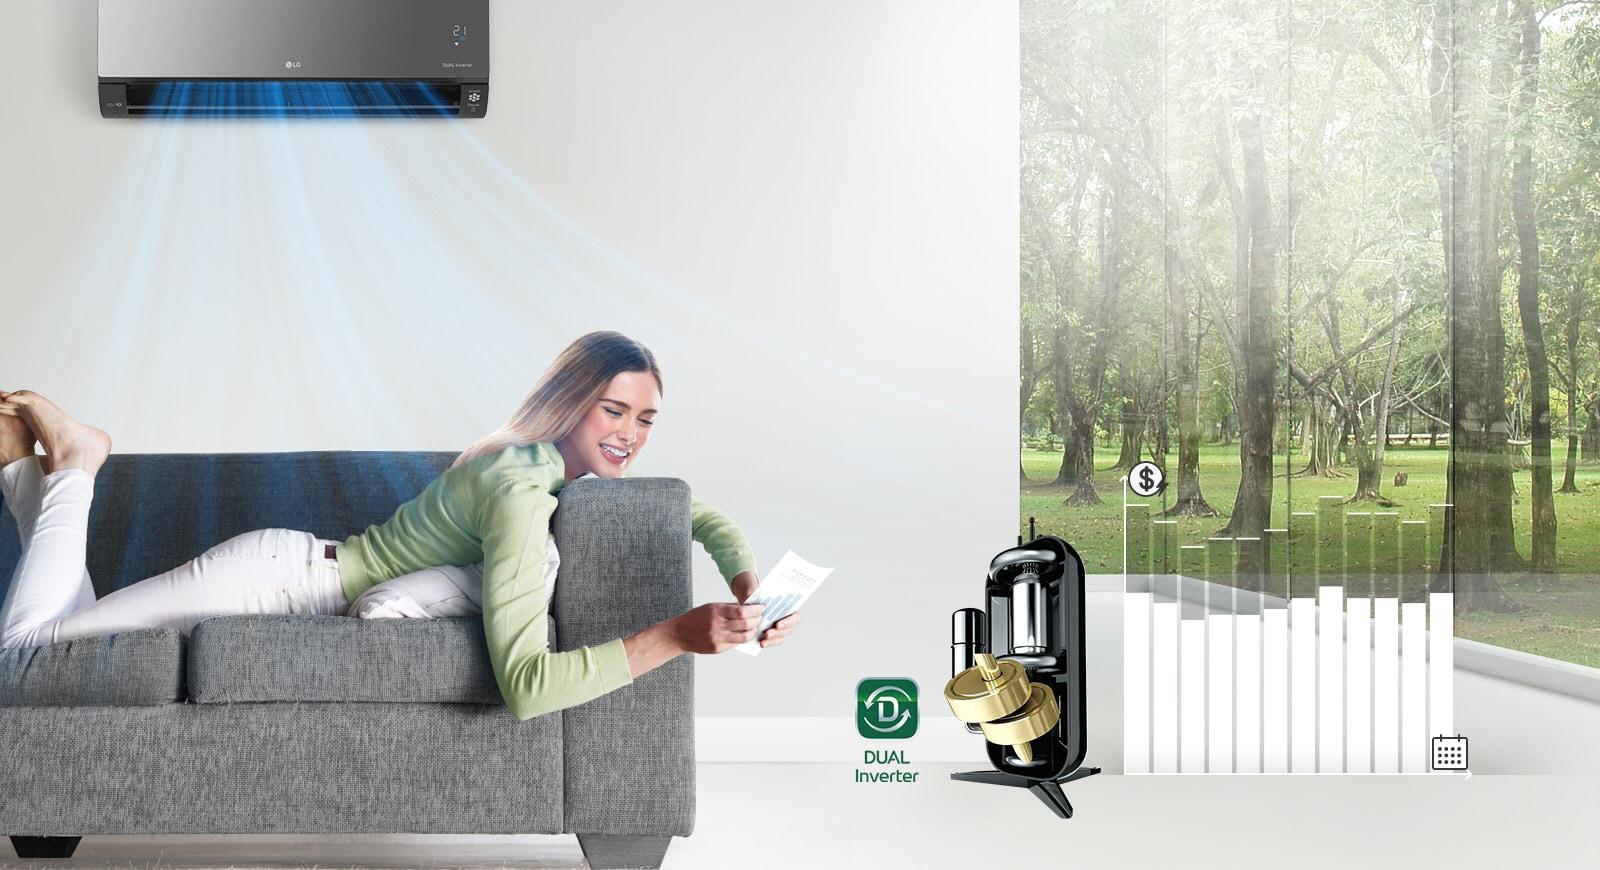 Μια γυναίκα περνάει την ώρα της στον καναπέ χαμογελώντας, καθώς το κλιματιστικό διοχετεύει αέρα από πάνω της. Στα δεξιά της γυναίκας φαίνεται το λογότυπο Dual Inverter και μια εικόνα του Dual Inverter. Πιο δεξιά υπάρχει ένα ραβδόγραμμα. Οι ράβδοι ανυψώνονται υποδεικνύοντας τη δαπάνη περισσότερων χρημάτων και, στη συνέχεια, χαμηλώνουν για να δείξουν ότι το dual inverter εξοικονομεί χρήματα στους πελάτες.